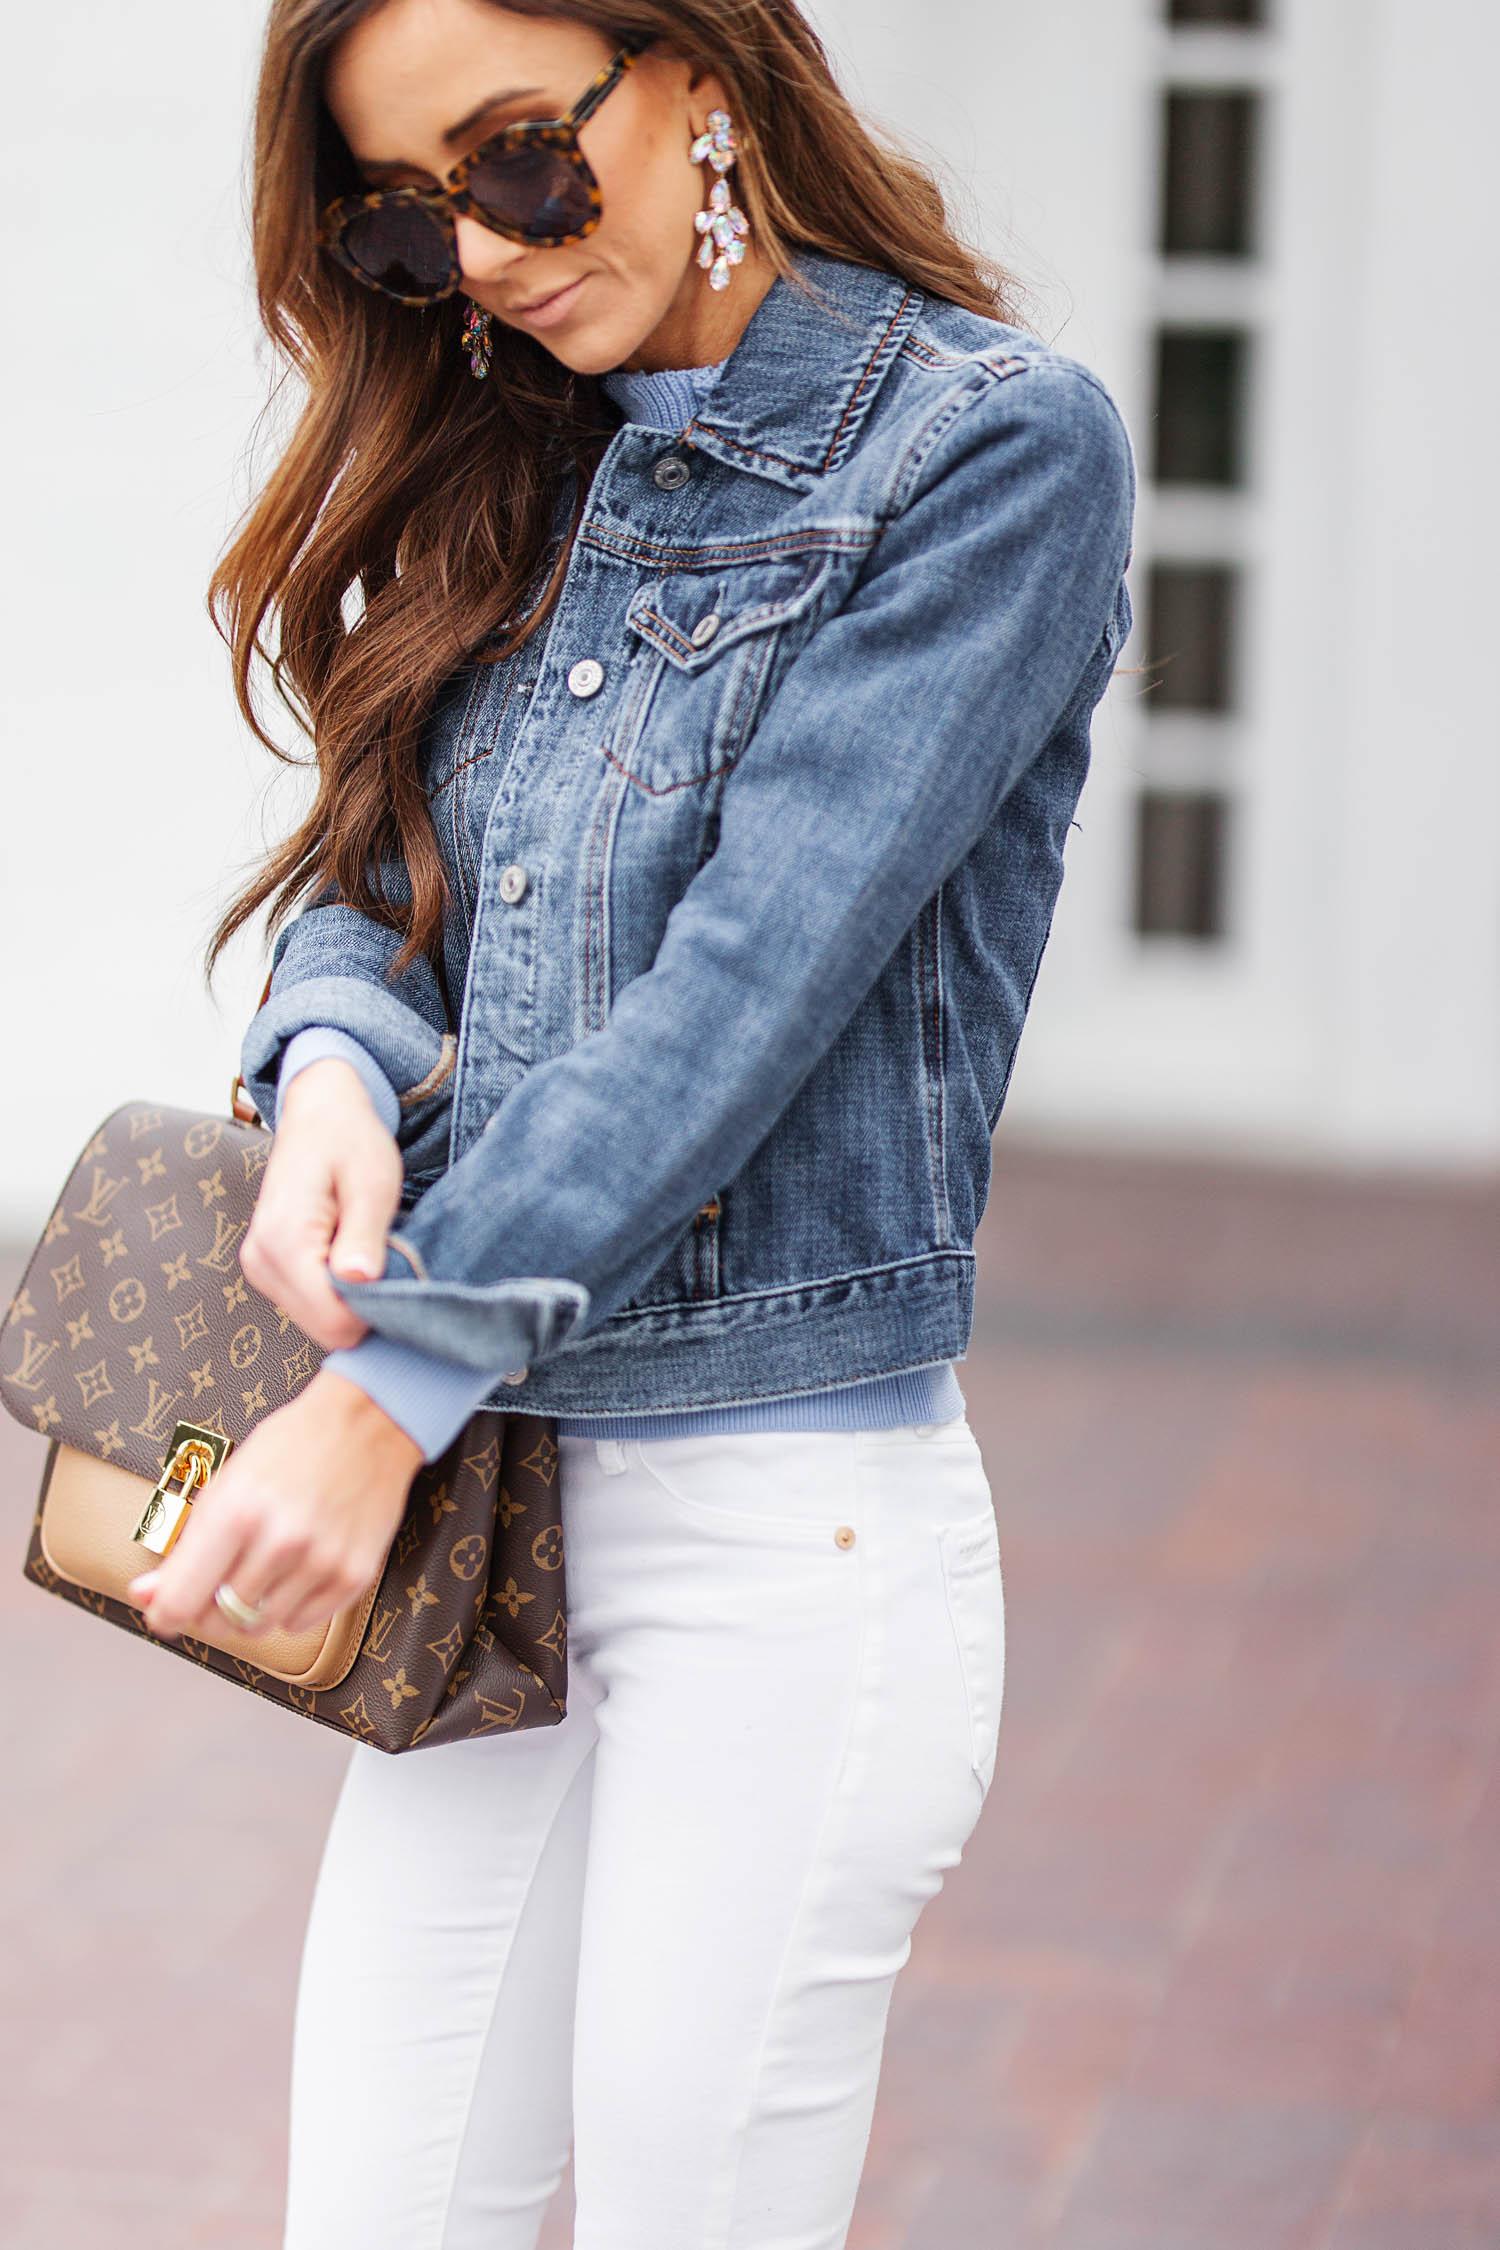 affordable jean jacket